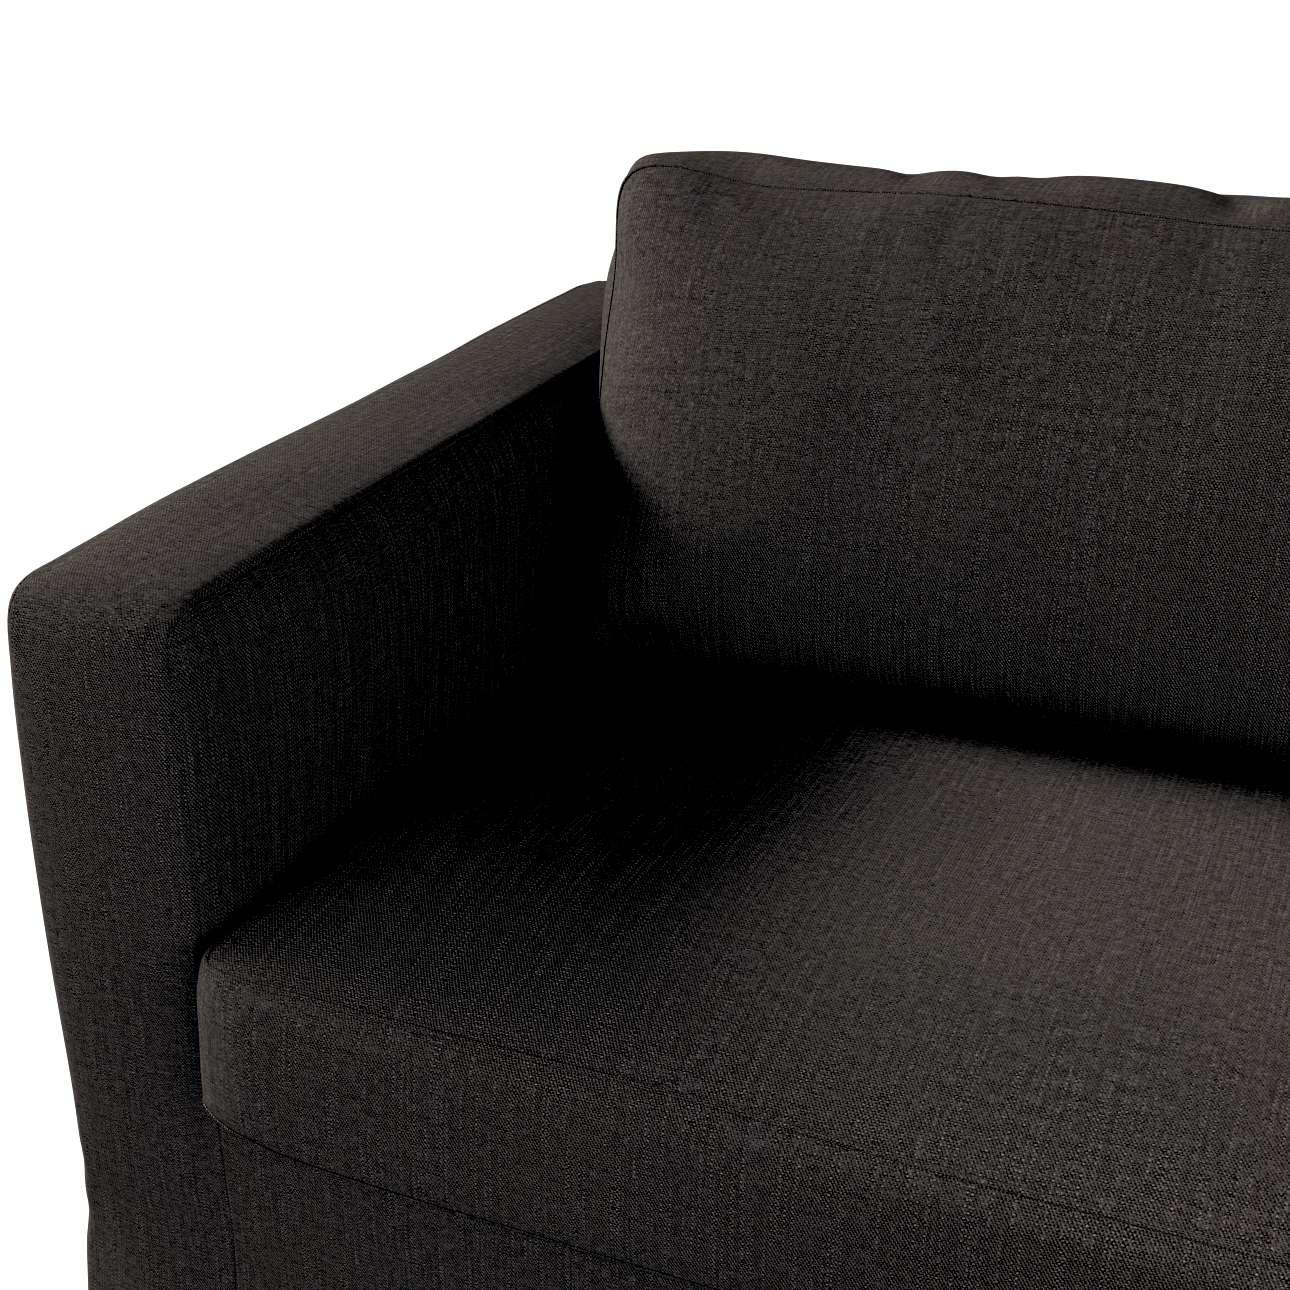 Karlstad 3-Sitzer Sofabezug nicht ausklappbar lang von der Kollektion Vintage, Stoff: 702-36